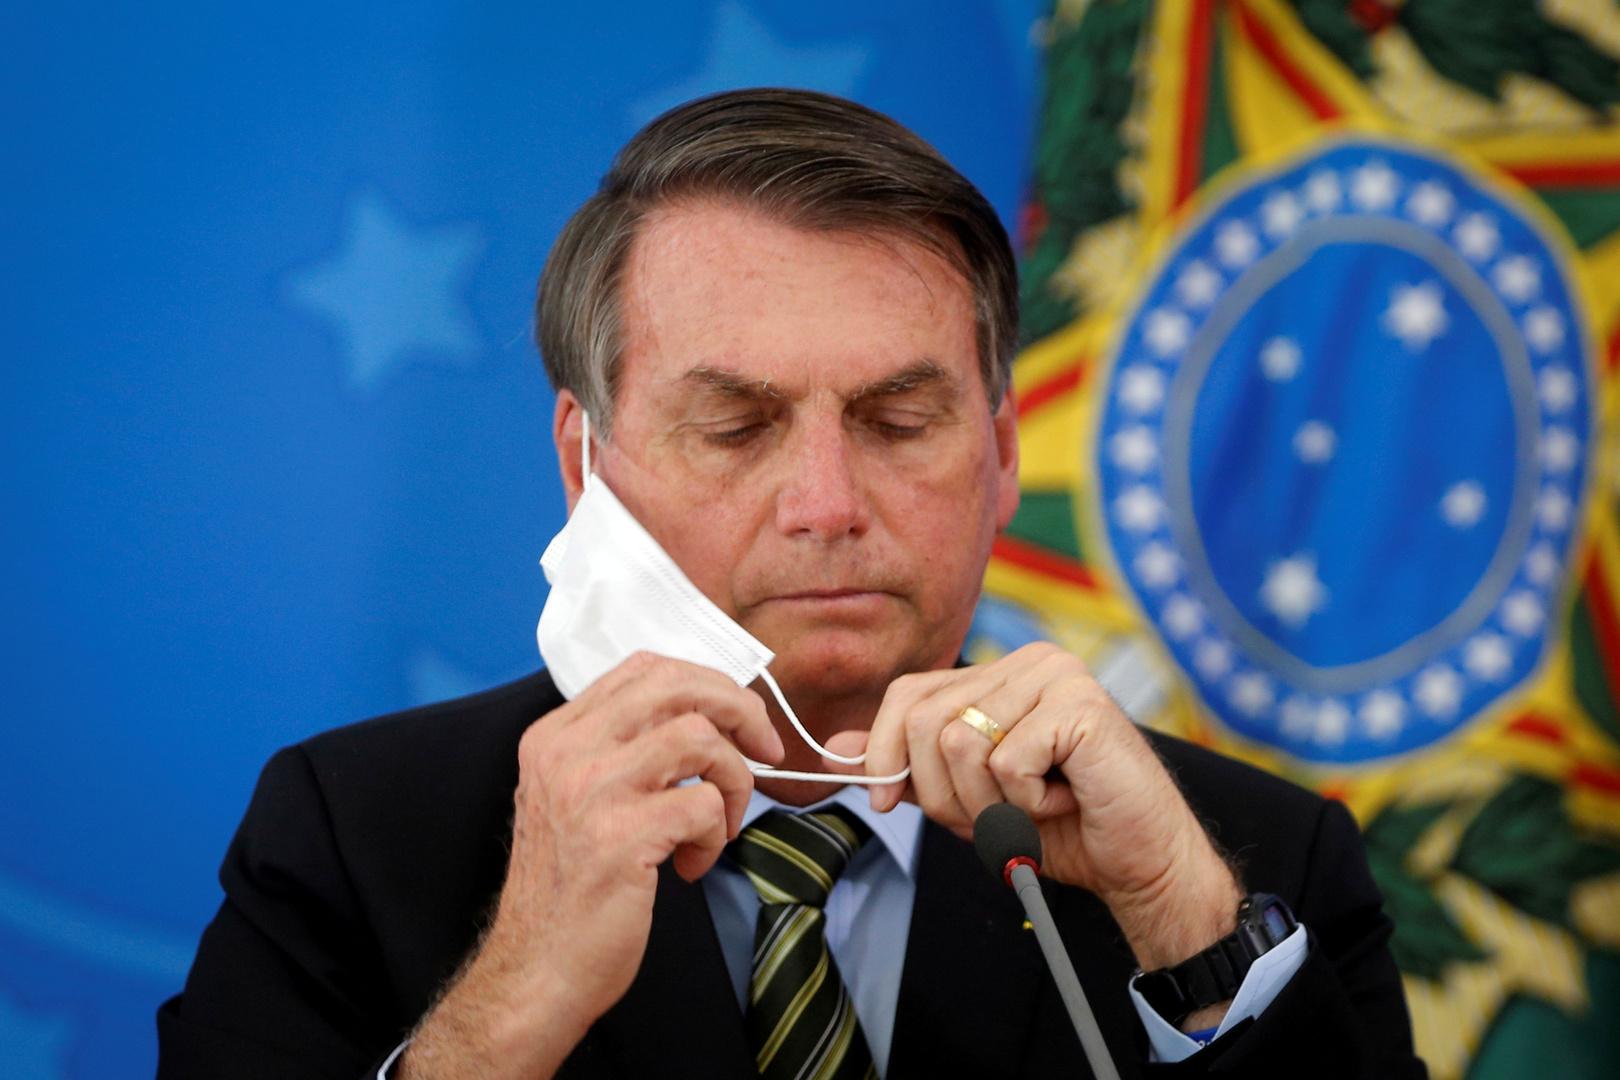 مكتب بولسونارو: الرئيس في حالة جيدة ولم يتم تسجيل أي مضاعفات لديه